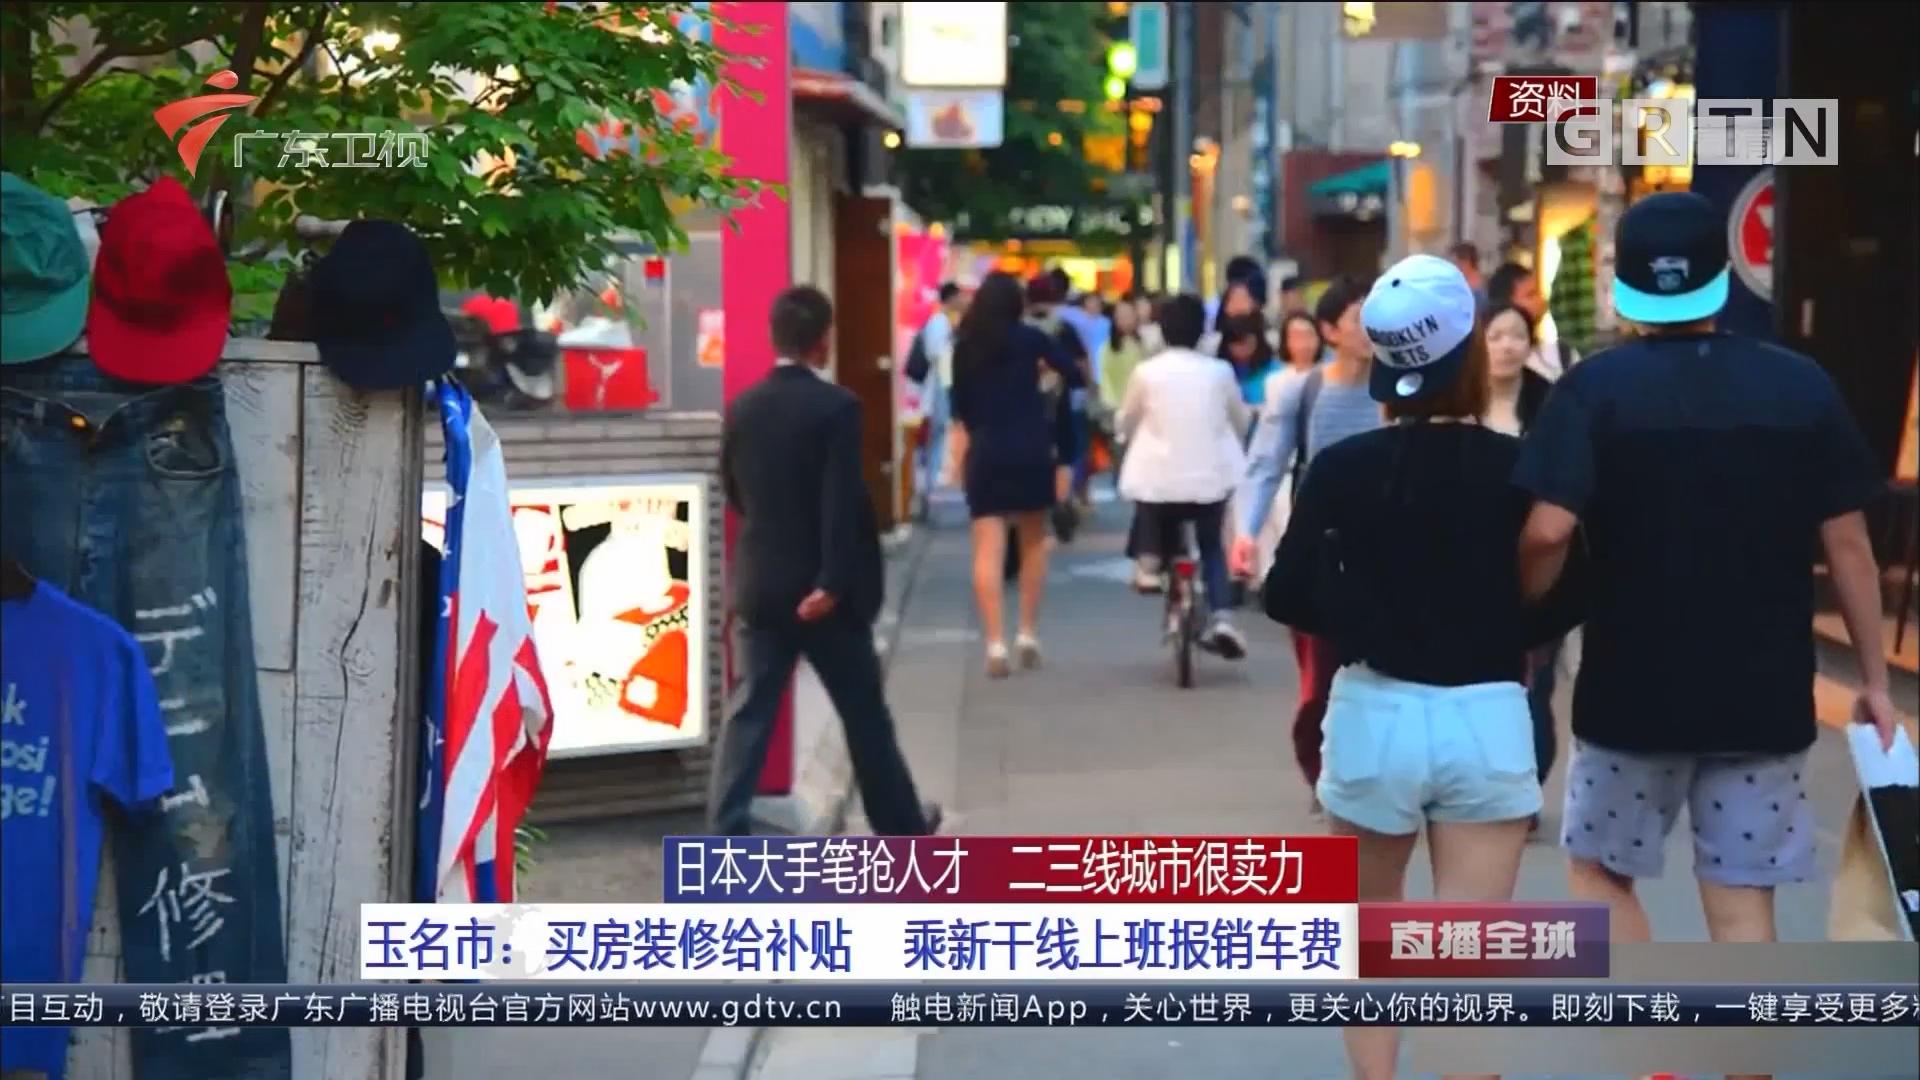 日本大手笔抢人才 二三线城市很卖力 玉名市:买房装修给补贴 乘新干线上班报销车费